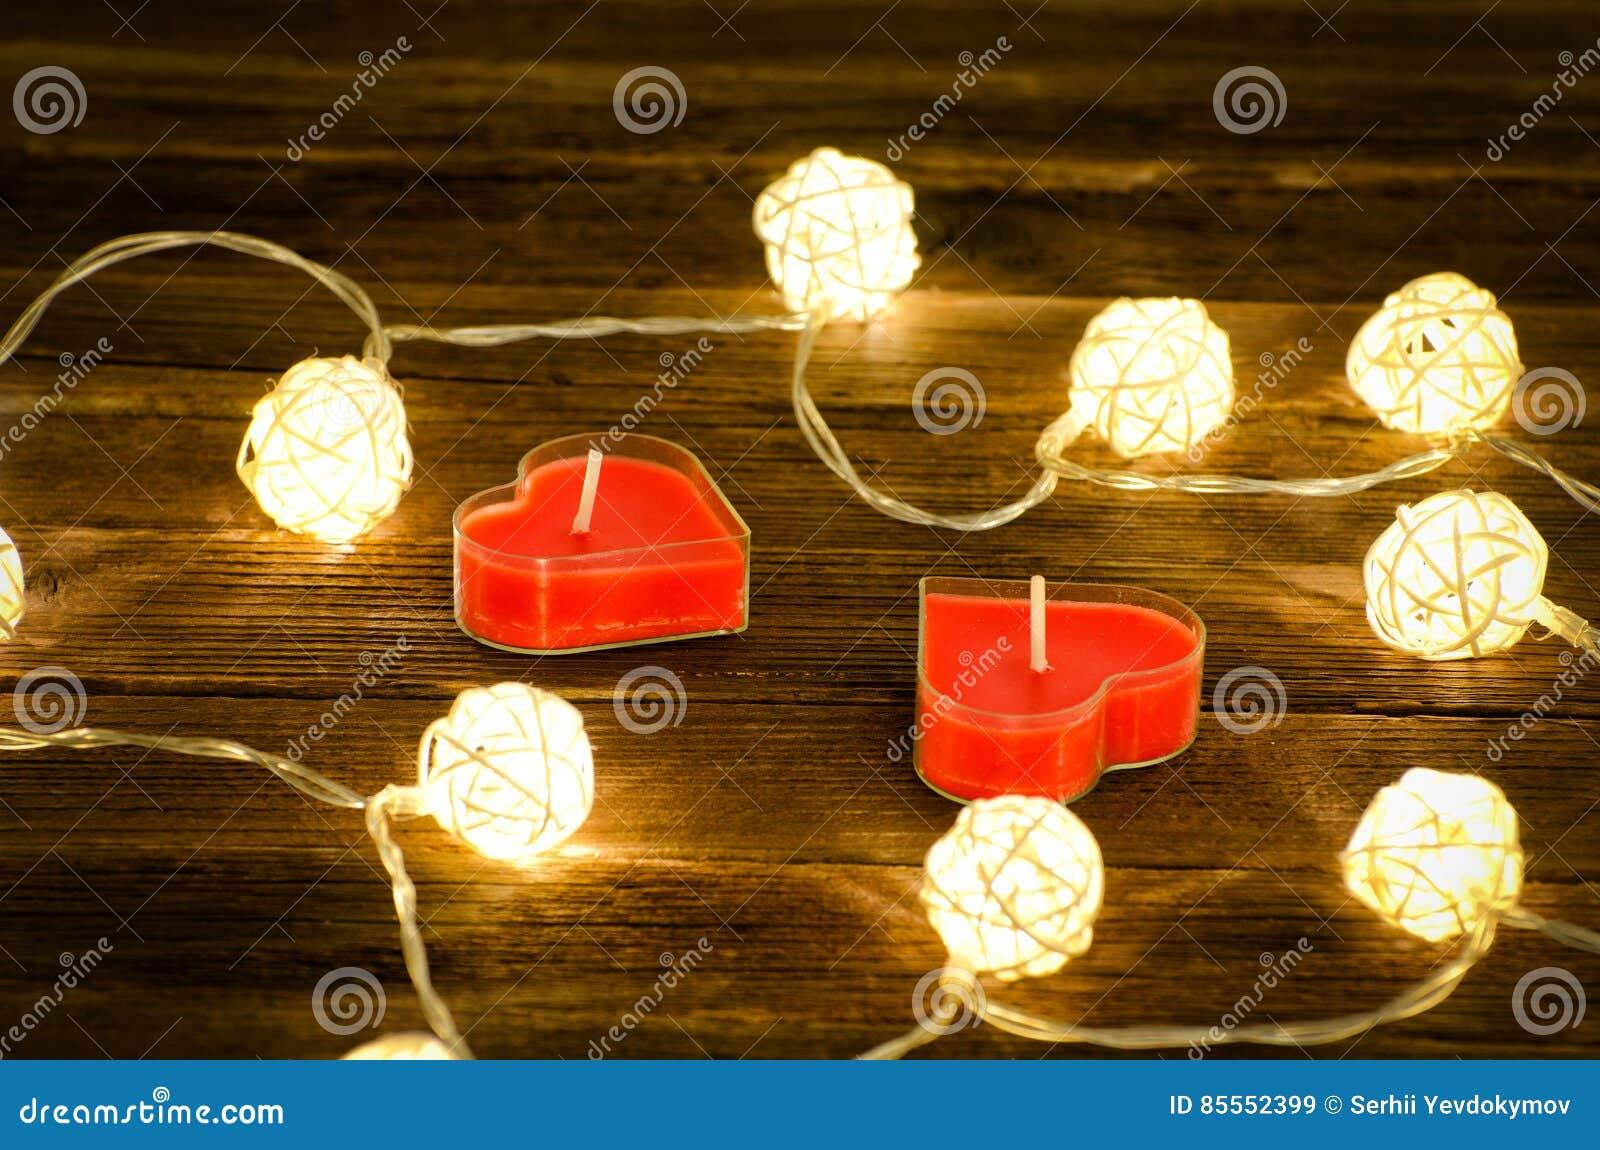 Zwei rote Kerzen in Form eines Herzens und glühenden Laternen hergestellt vom Rattan auf einem hölzernen Hintergrund Nahaufnahme